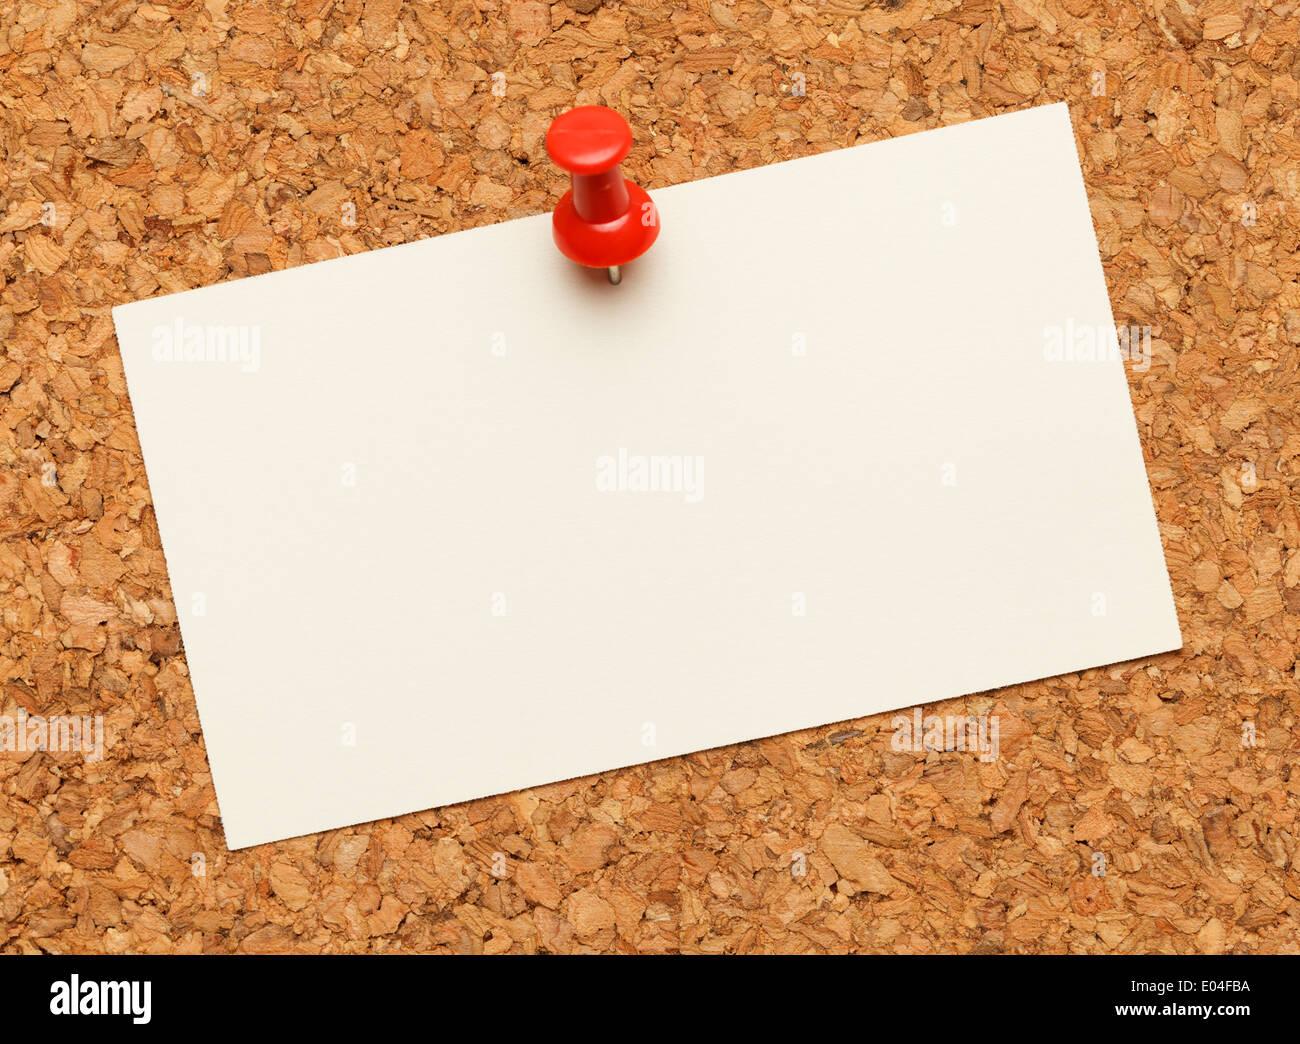 Visitenkarte auf einer Pinnwand mit roten Tack Pin veröffentlicht. Stockbild